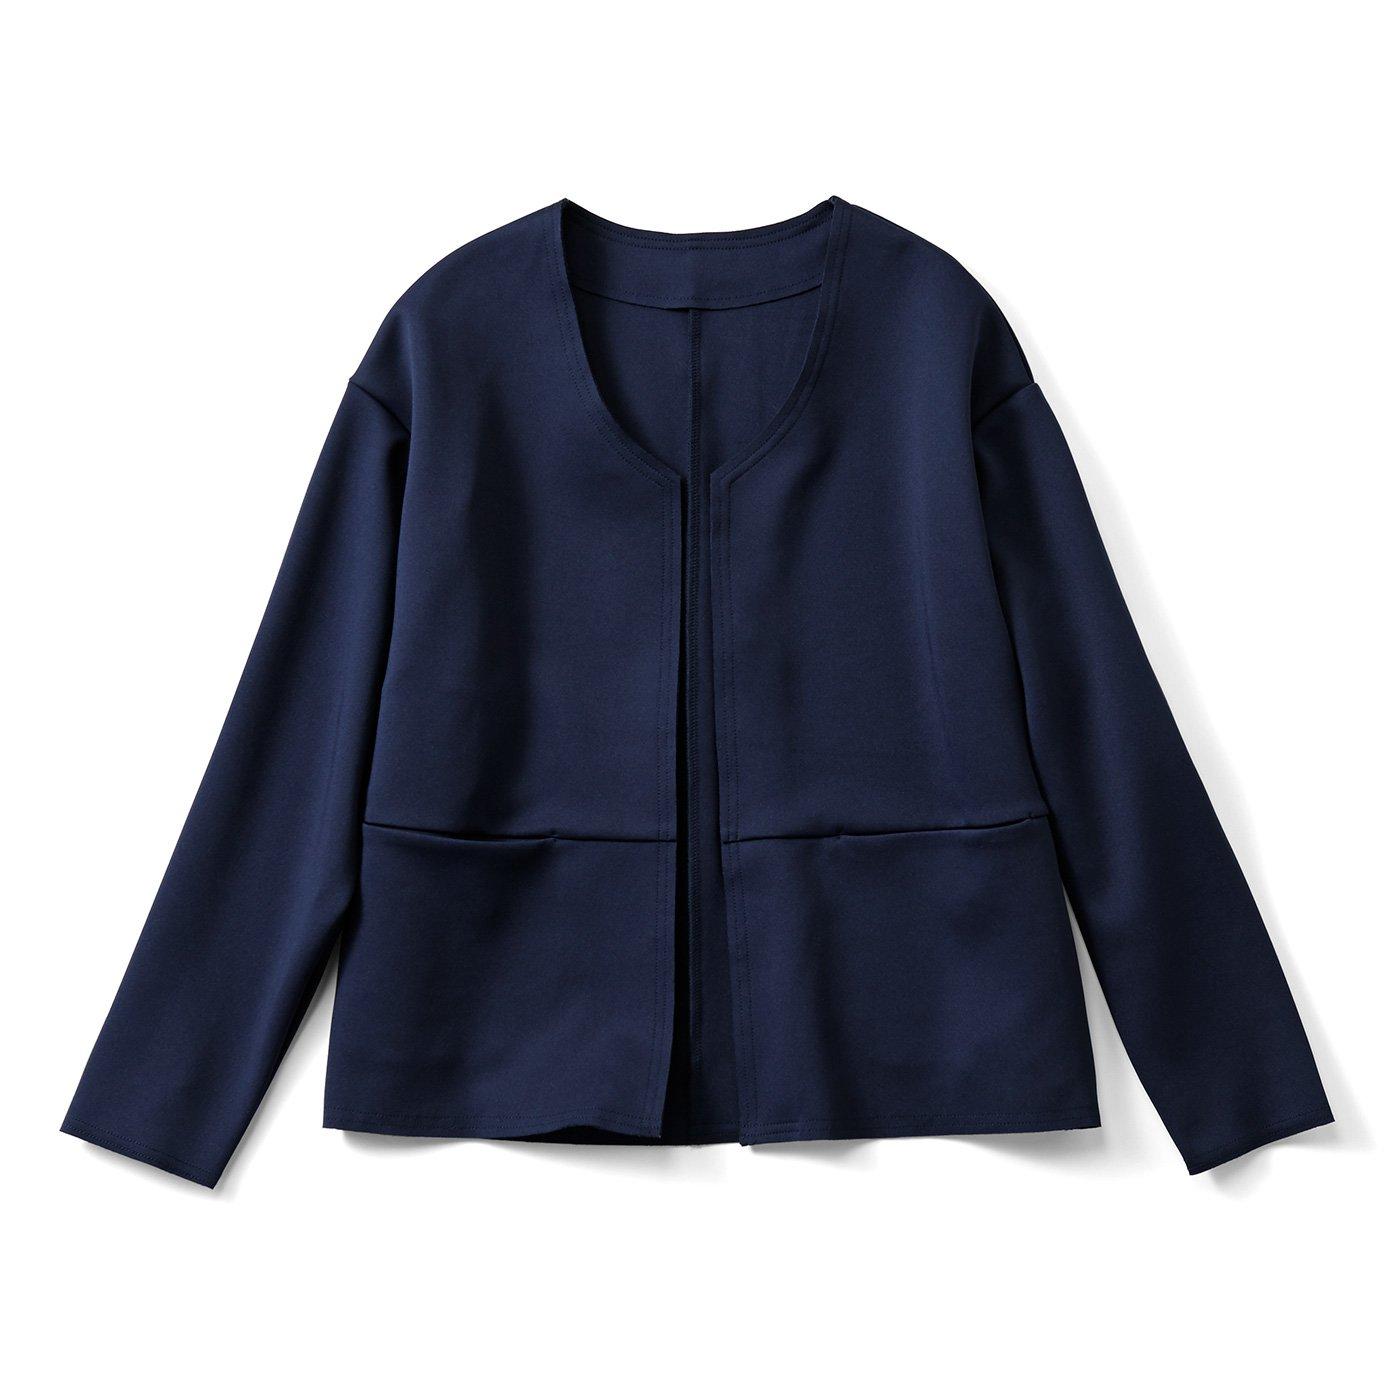 HIROMI YOSHIDA. すっきりノーカラージャケット〈ネイビー〉